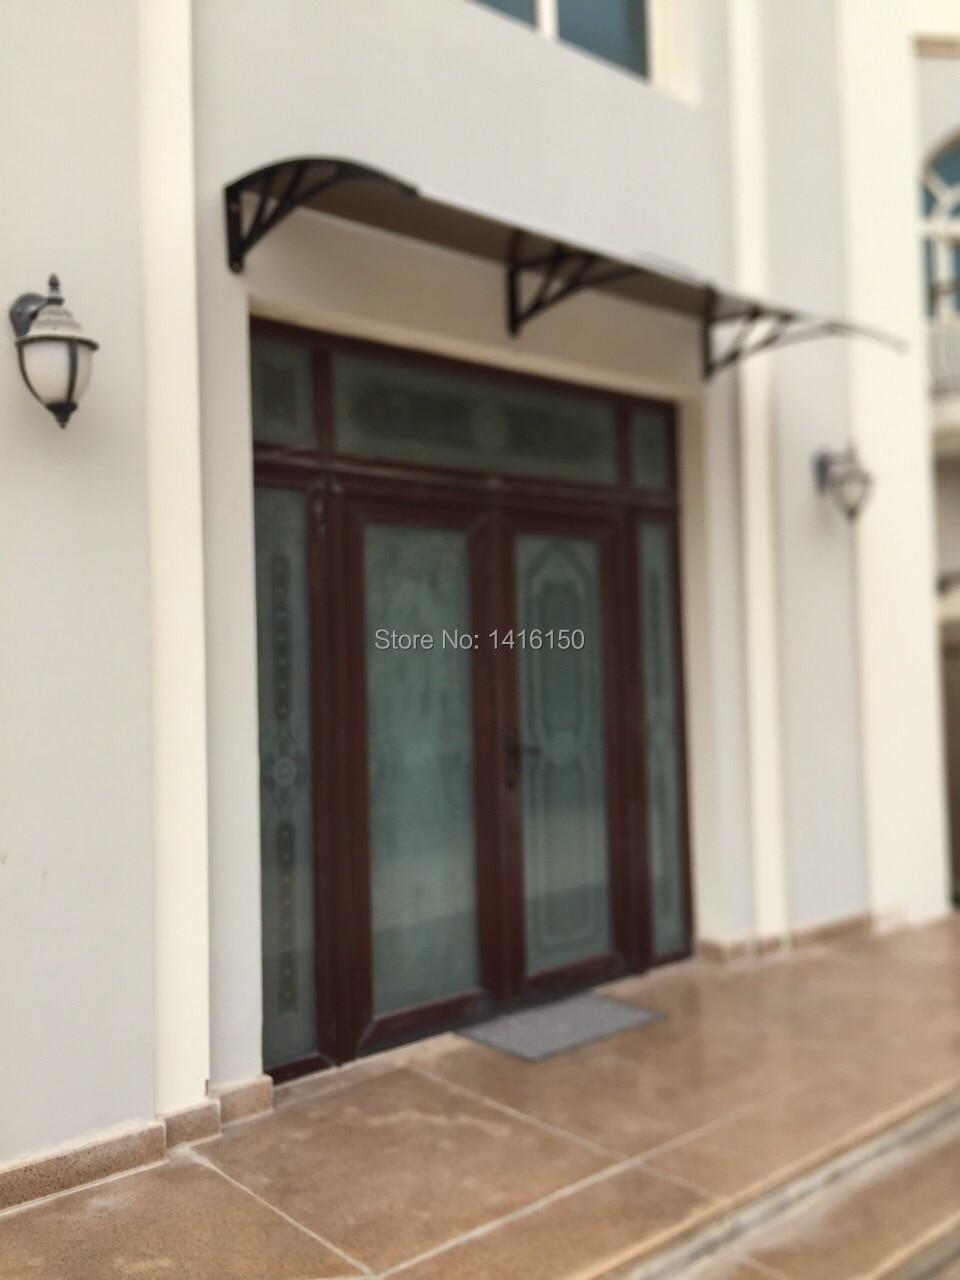 DS120200 P120x200cmDepth 120cm Width 200cm. house front door canopyengineering plastic bracket door canopy-in Awnings from Home u0026 Garden on ... & DS120200 P120x200cmDepth 120cm Width 200cm. house front door ...